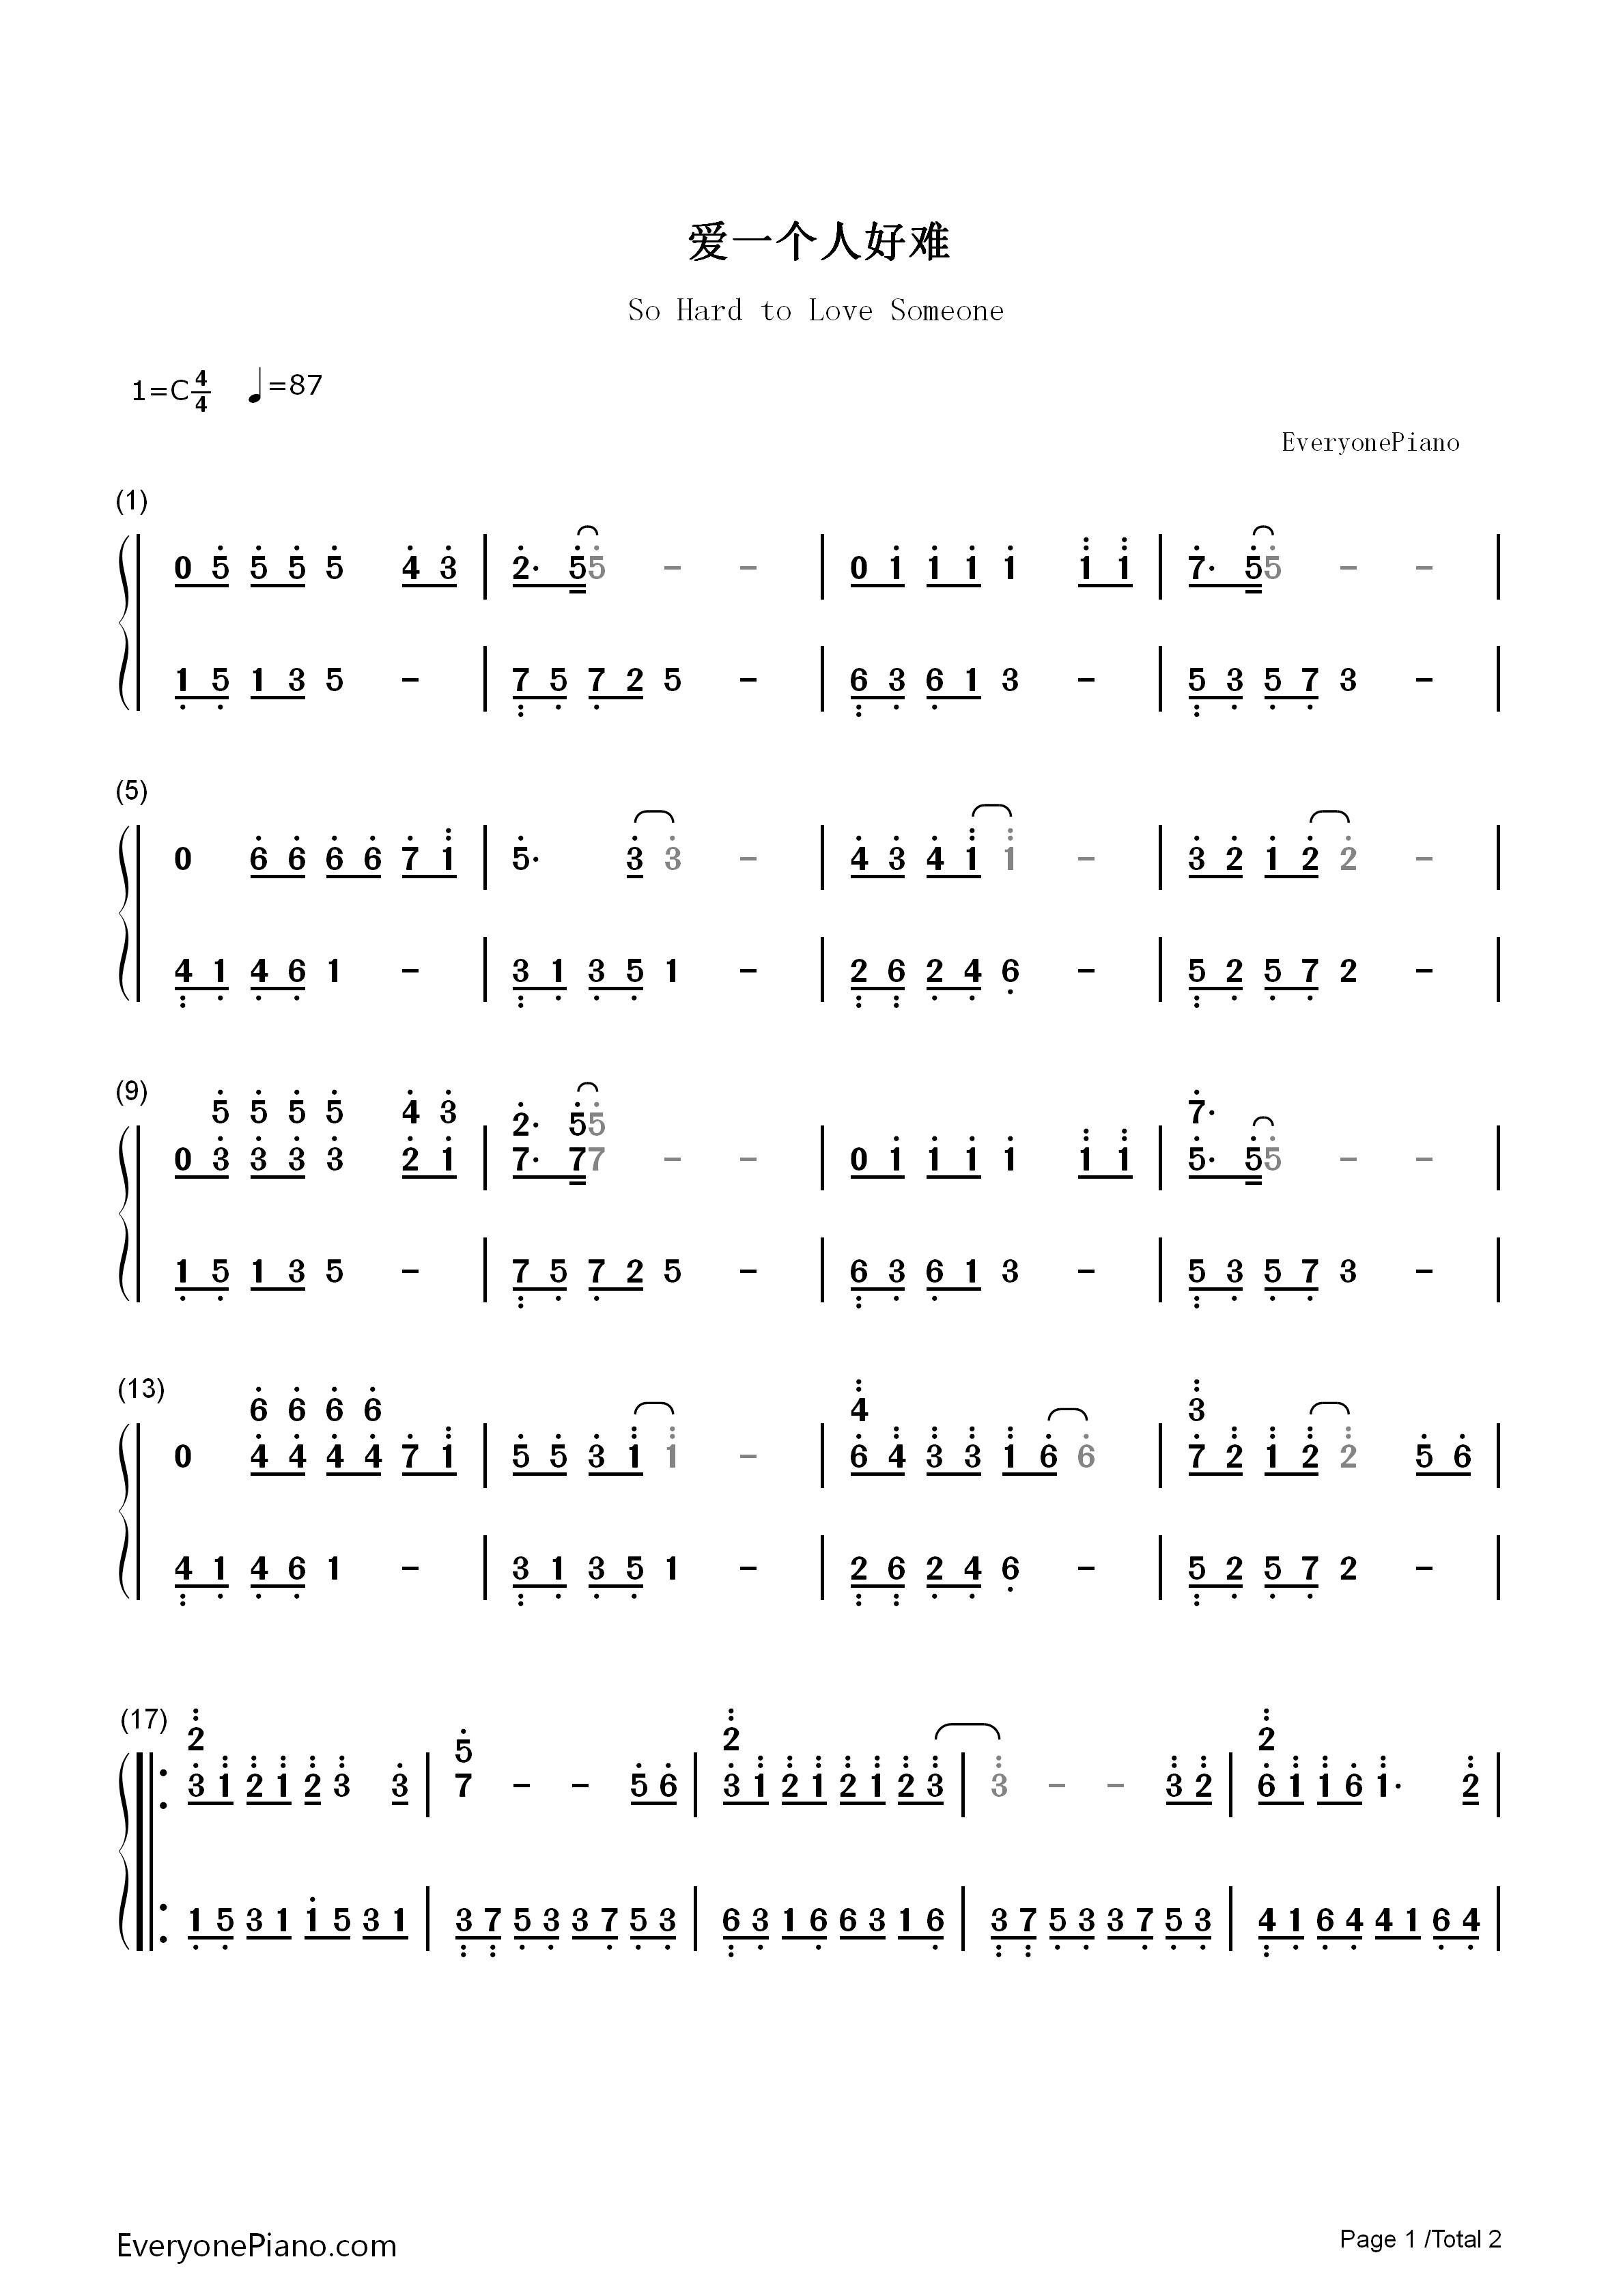 爱一个人好难-苏永康双手简谱预览1-钢琴谱(五线谱,)